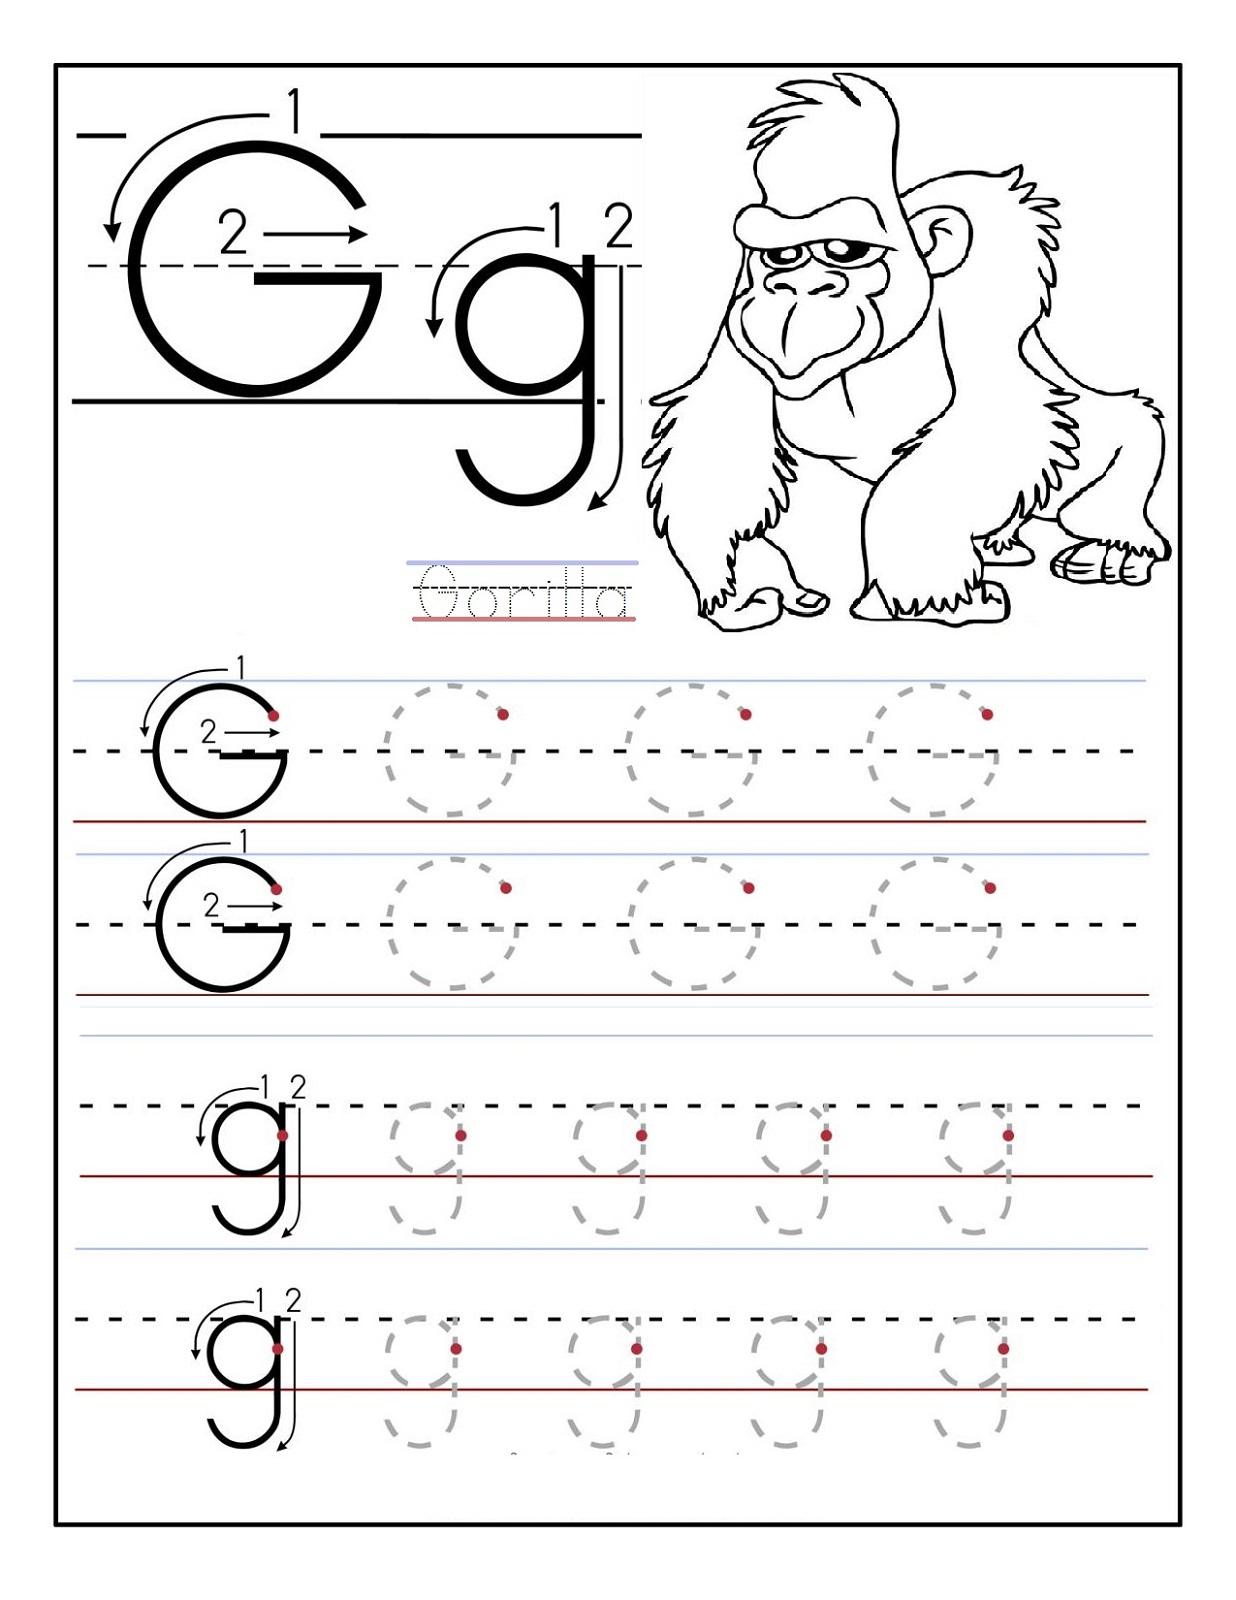 Math Worksheet : Kindergarten Tracing Numbers Worksheets